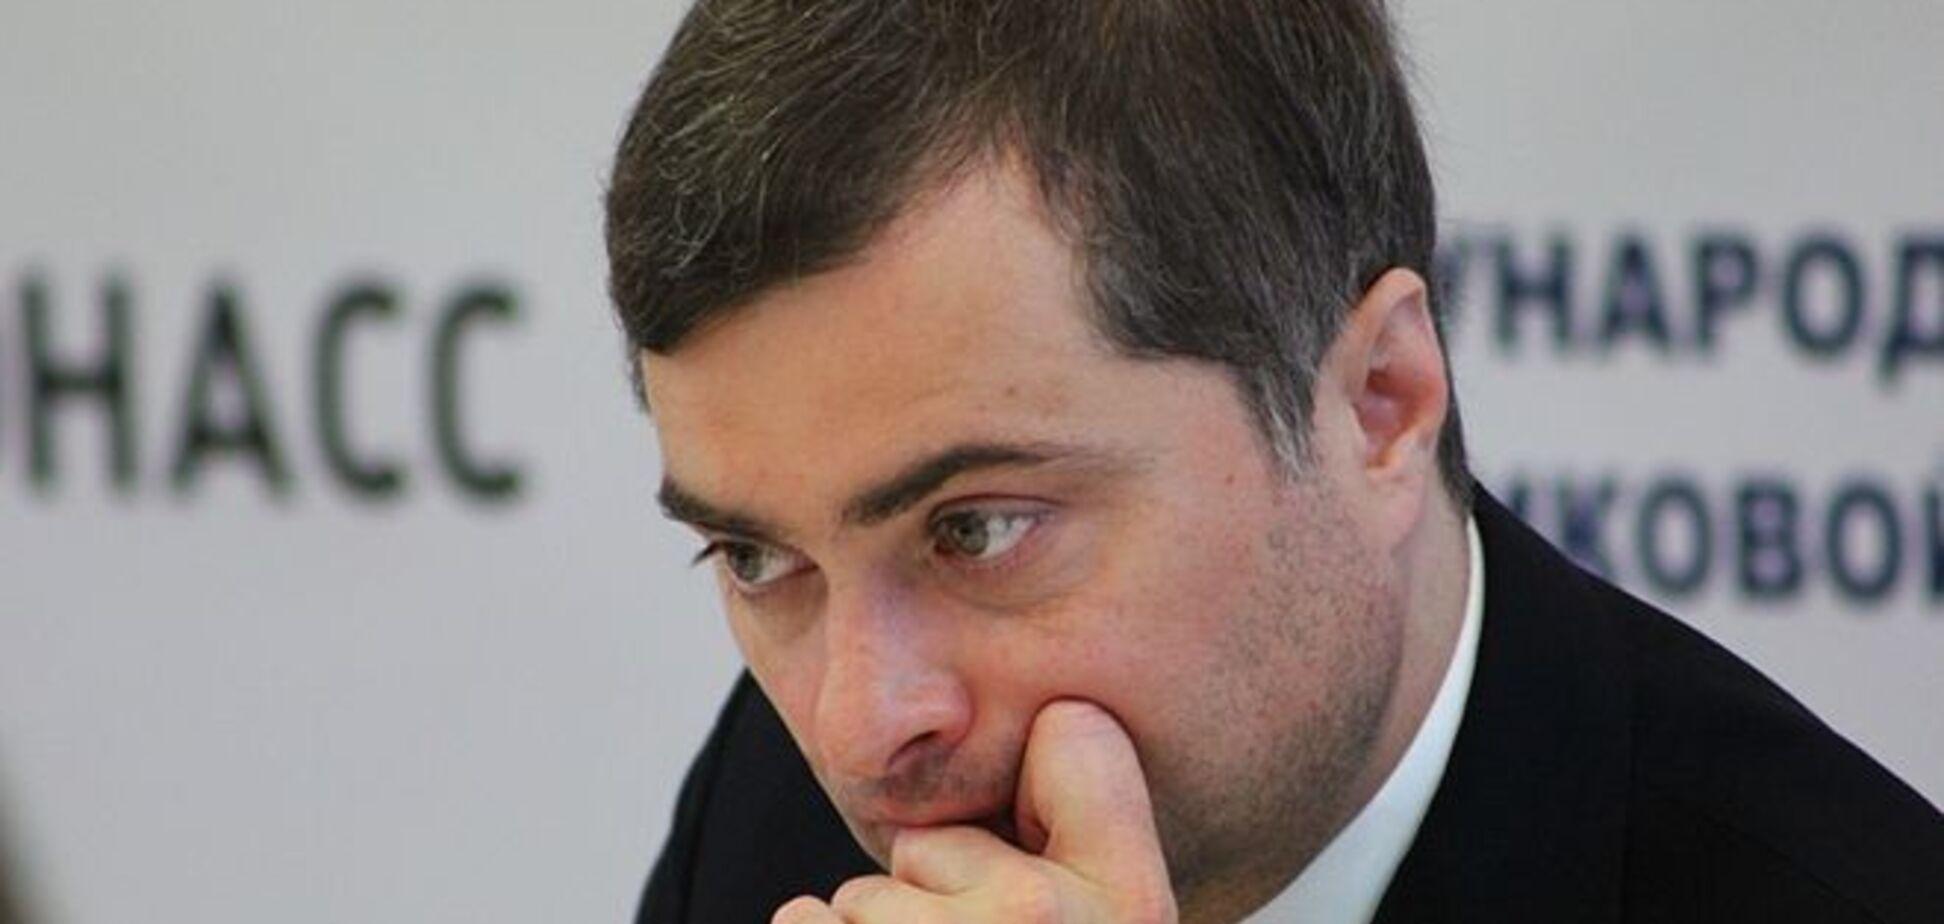 Сменивший фамилию советник Путина причастен к теракту в Одессе - СБУ